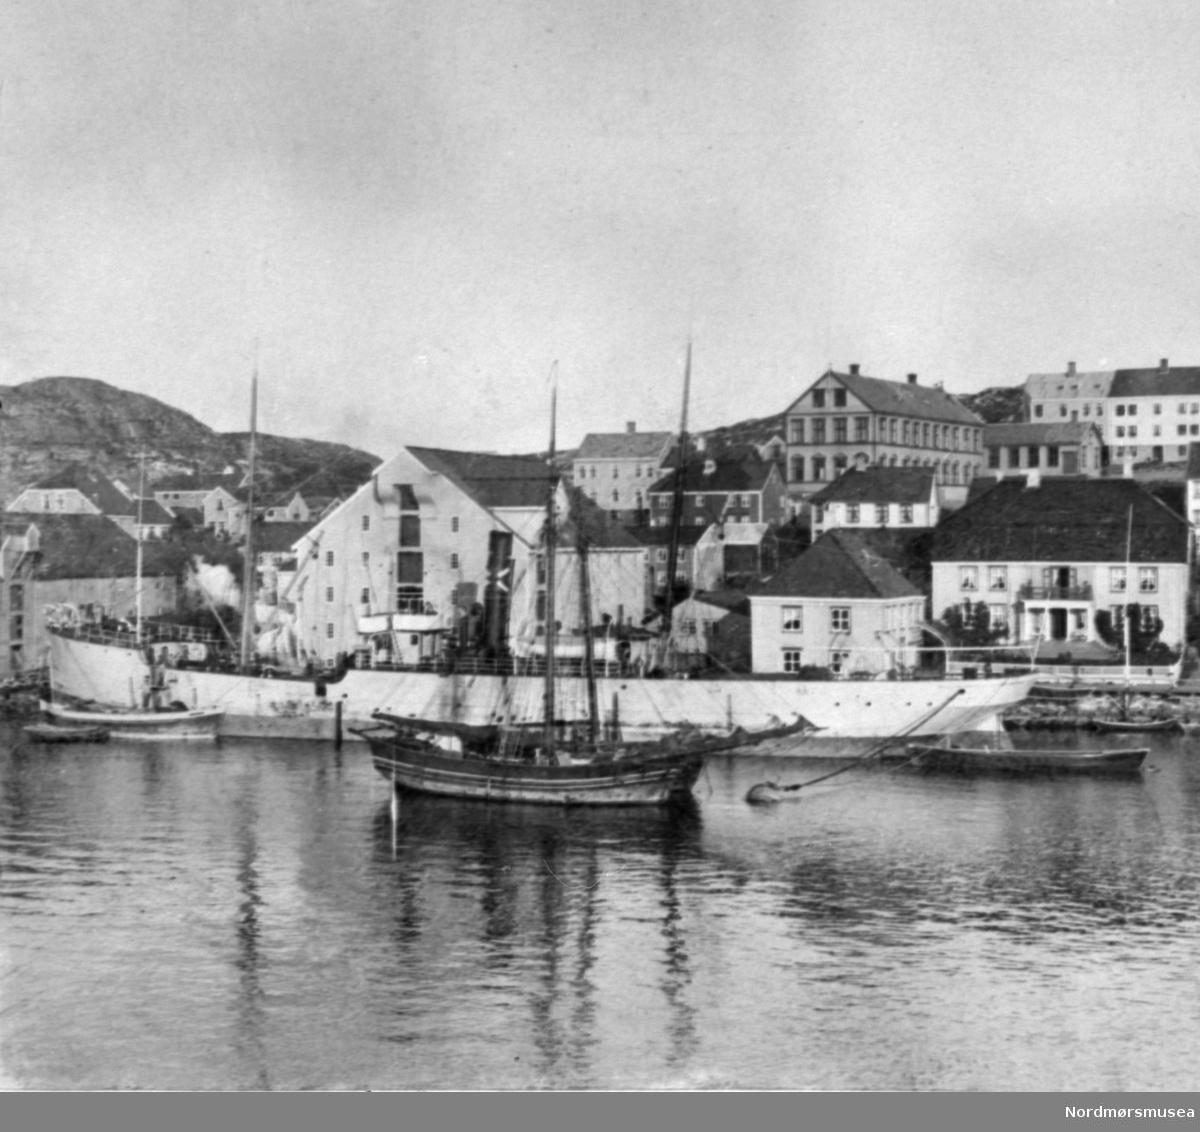 To jakter side om side og dampskip hos Parelius på Nordlandet, Kristiansund. variant. Nordmøre museums fotosamling.